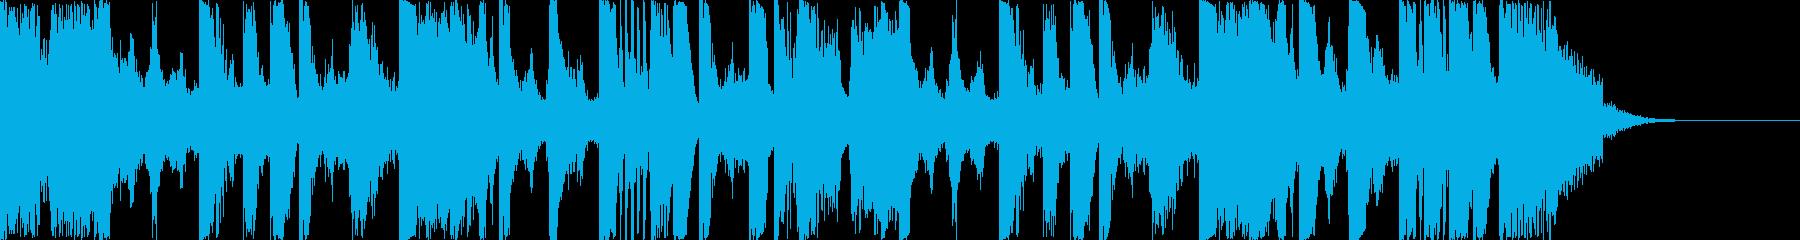 ジングル・ホラー・電子・罠・恐怖・疾走感の再生済みの波形